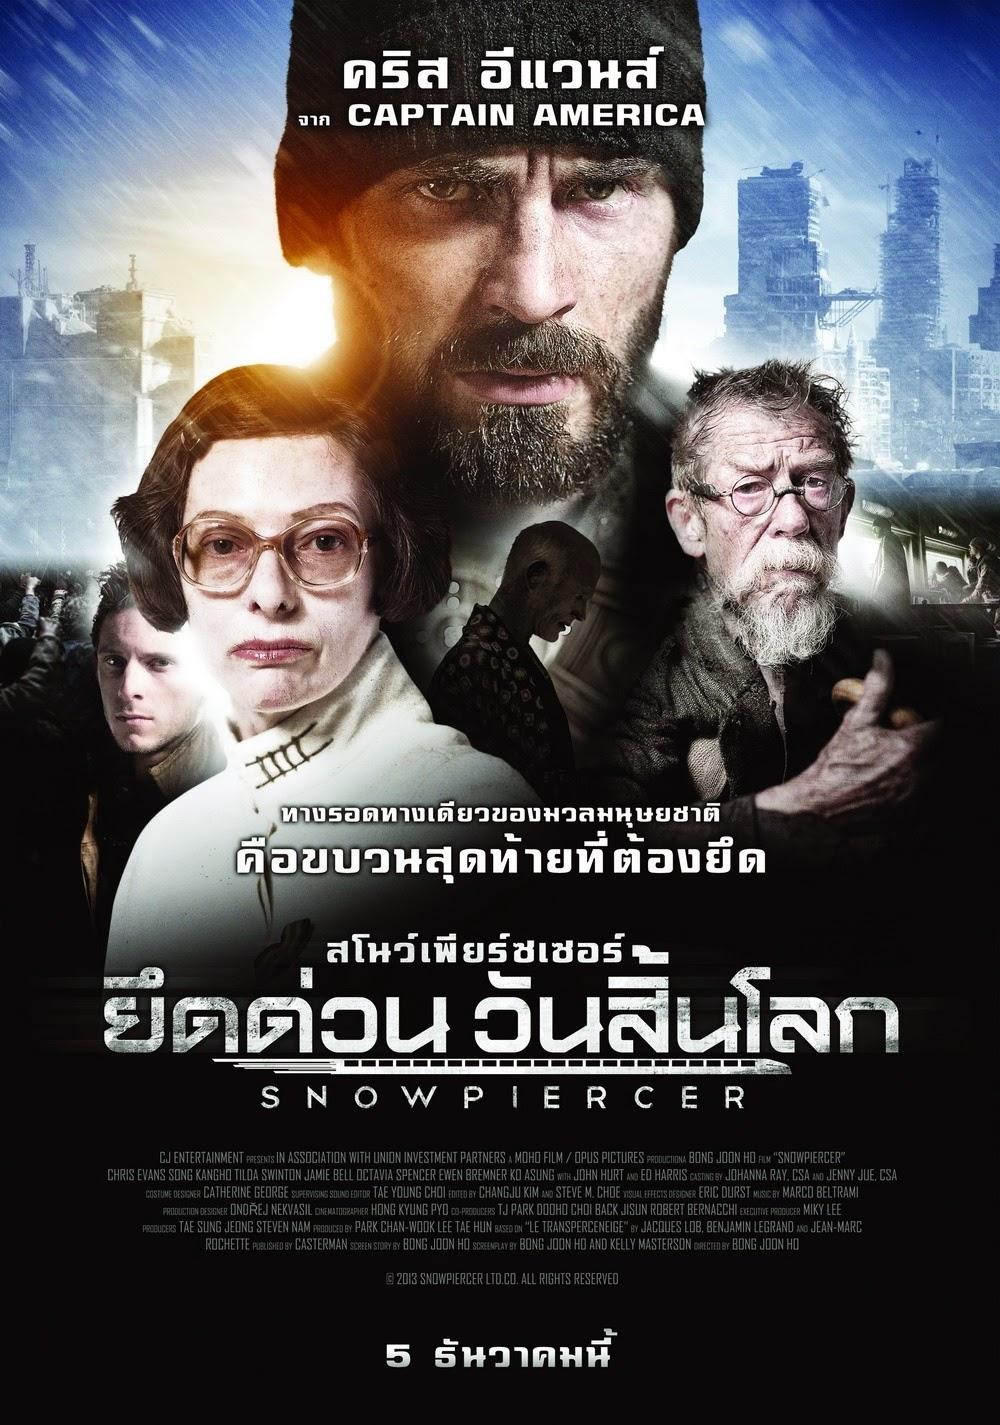 http://3.bp.blogspot.com/-jbF5rpdDpgM/U9a4OTJ1UeI/AAAAAAAAQMg/BZ8sKi7SASI/s1600/SNOWPIERCER+-+Thai+Poster+1.jpg